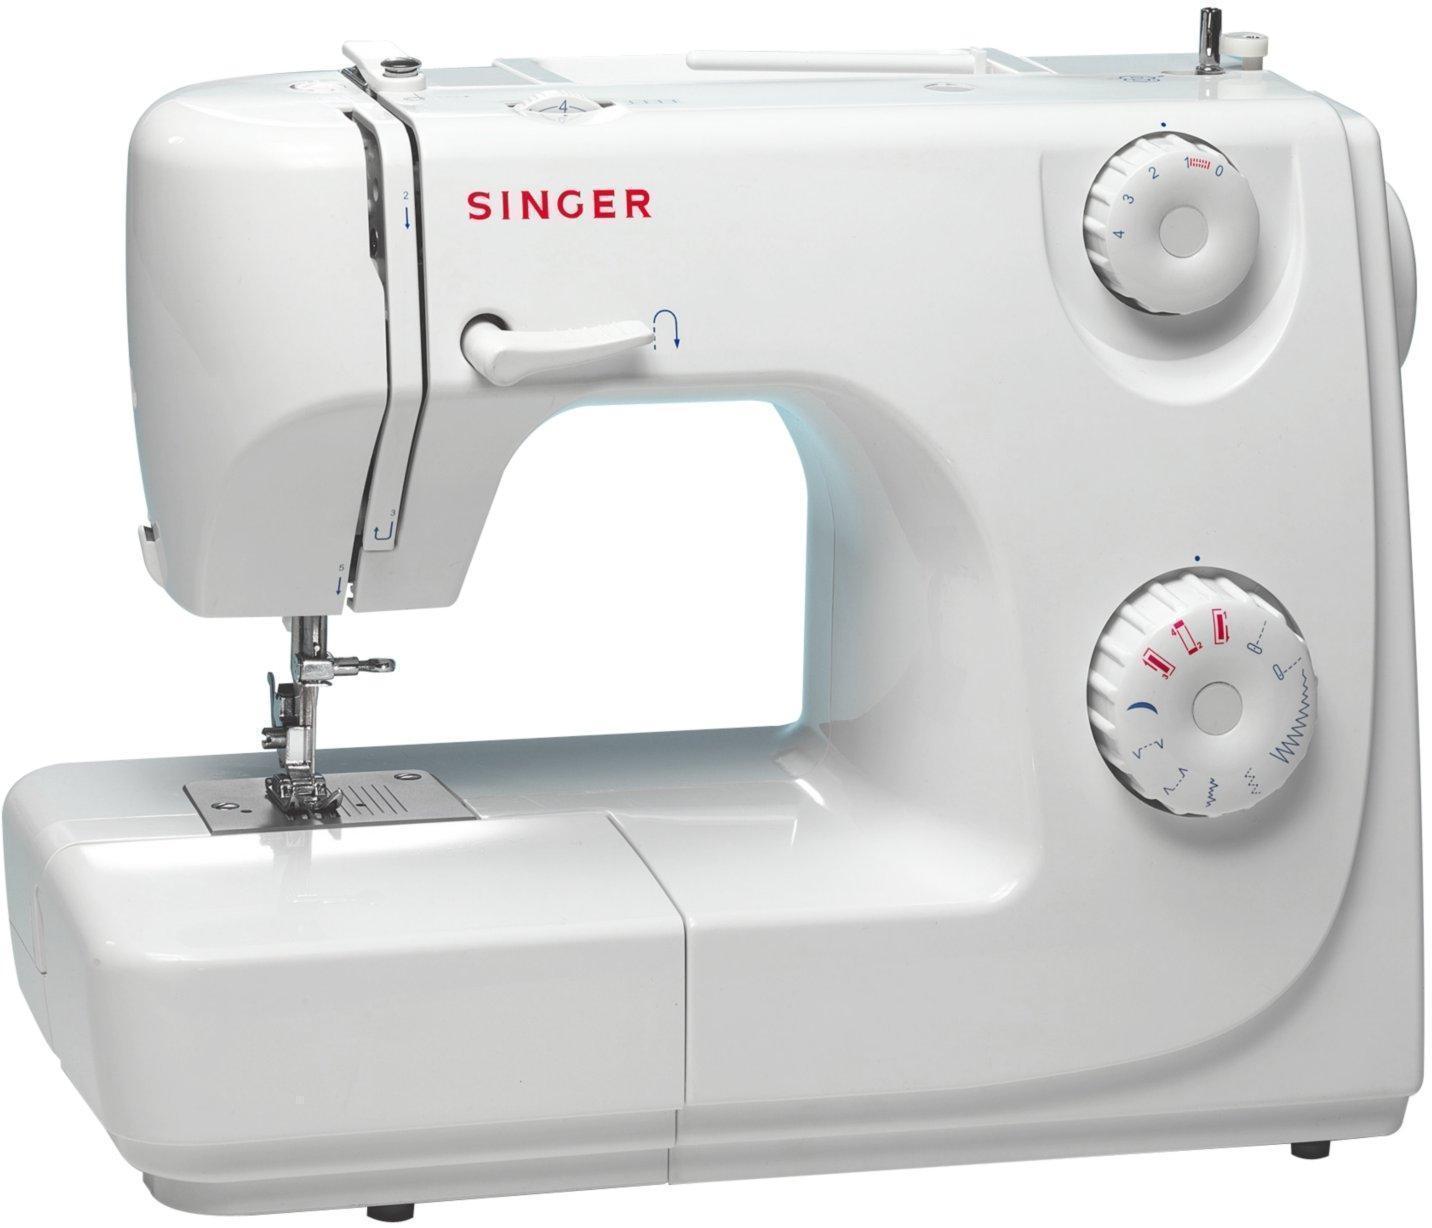 Singer 8280 швейная машина